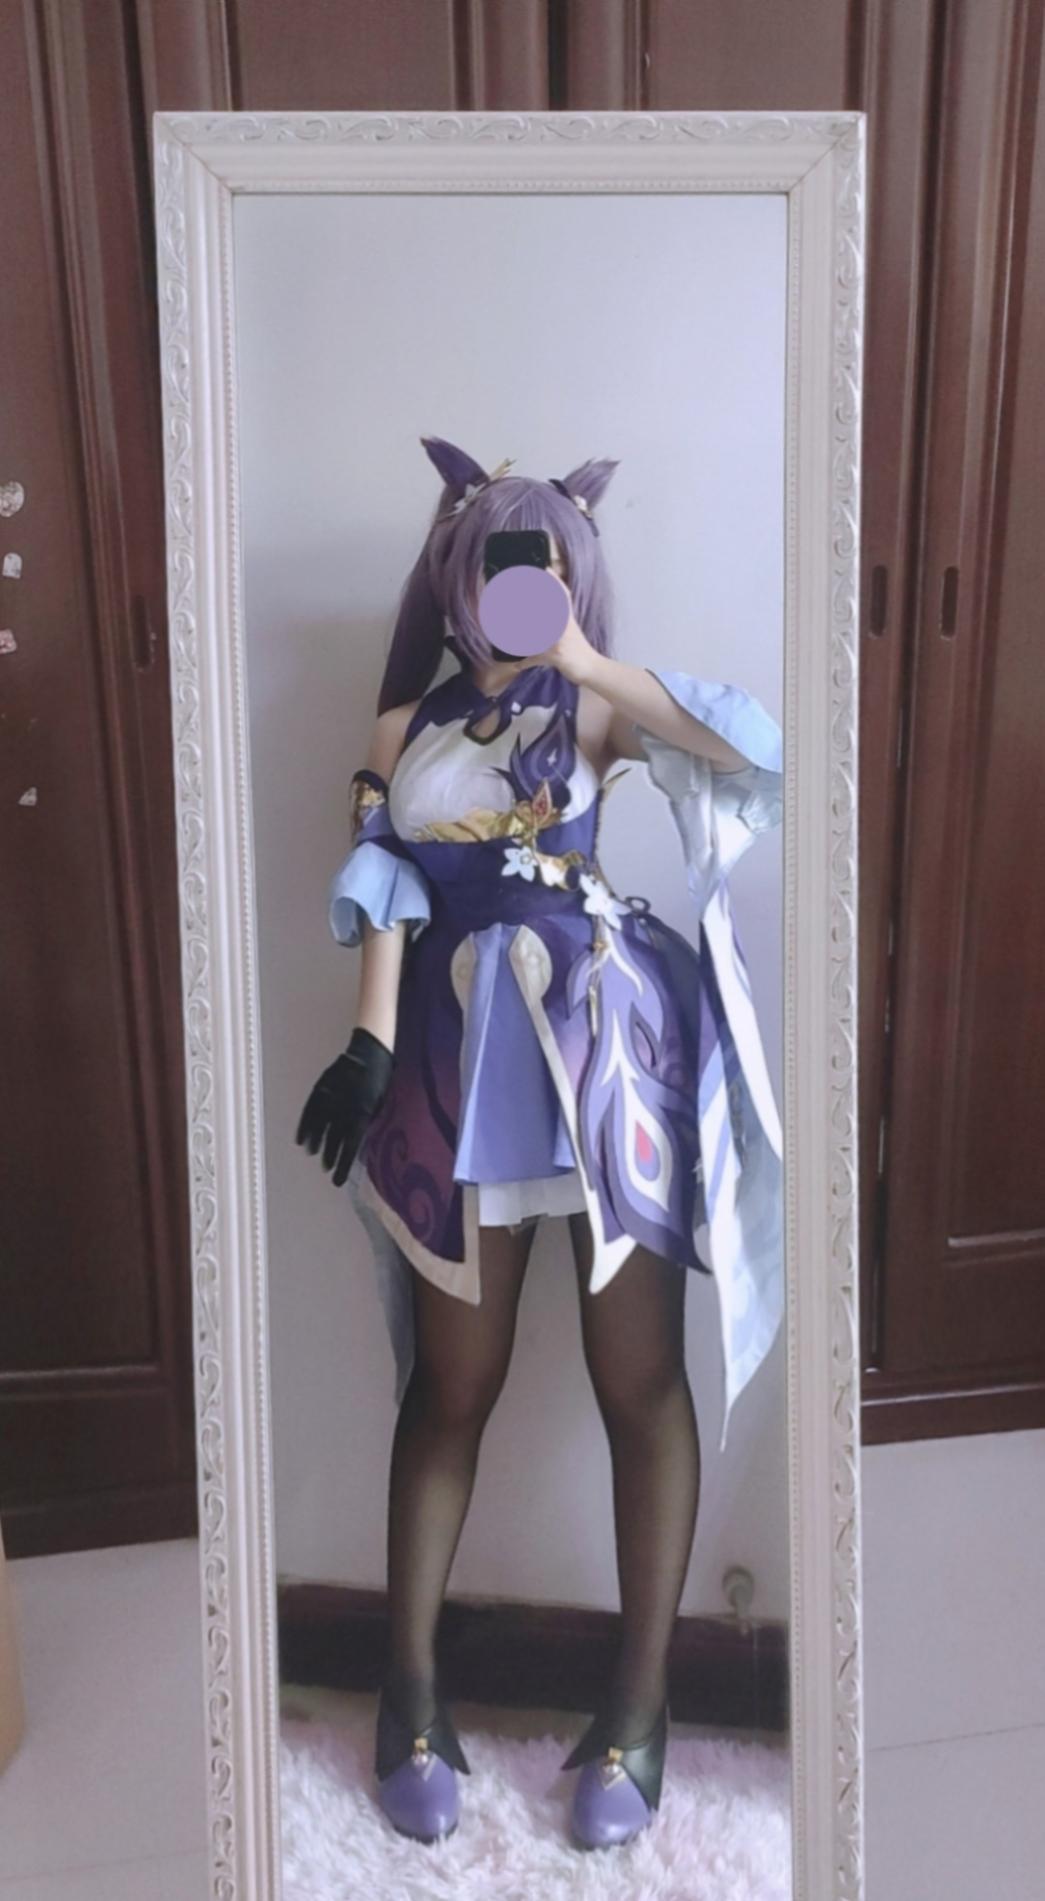 《原神》游戏cosplay【CN:哩咚隆咚锵】-第1张